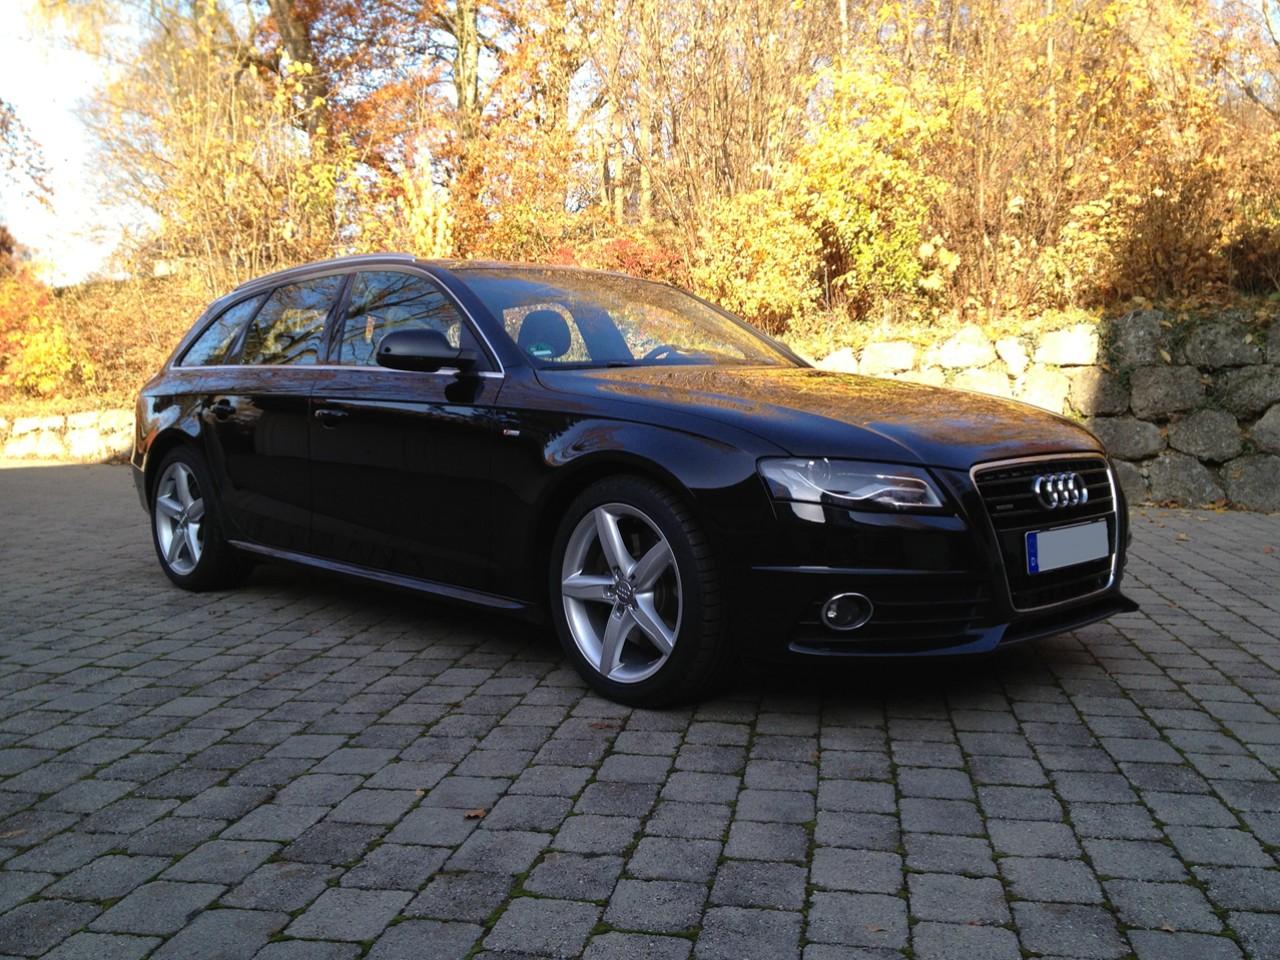 2012 Audi A7 2012 Audi A7 Four Seasons Update Road Trippin